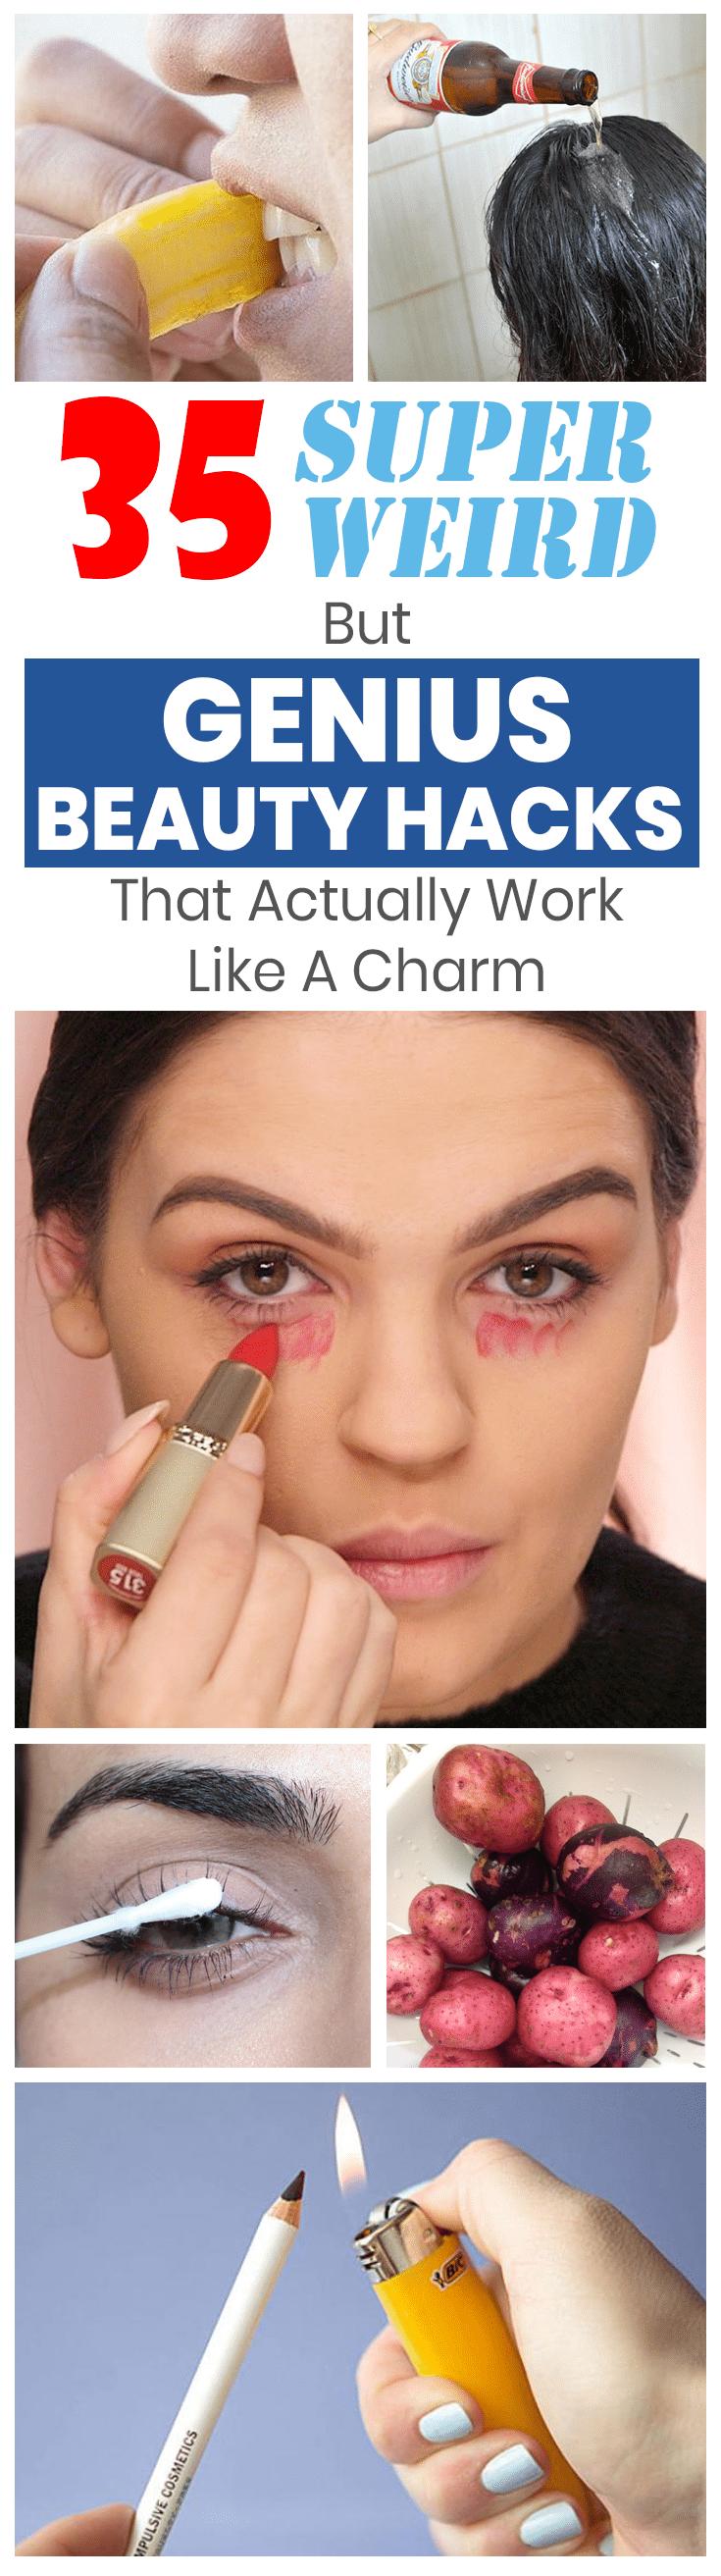 super strange but genius beauty hacks that really work wonders